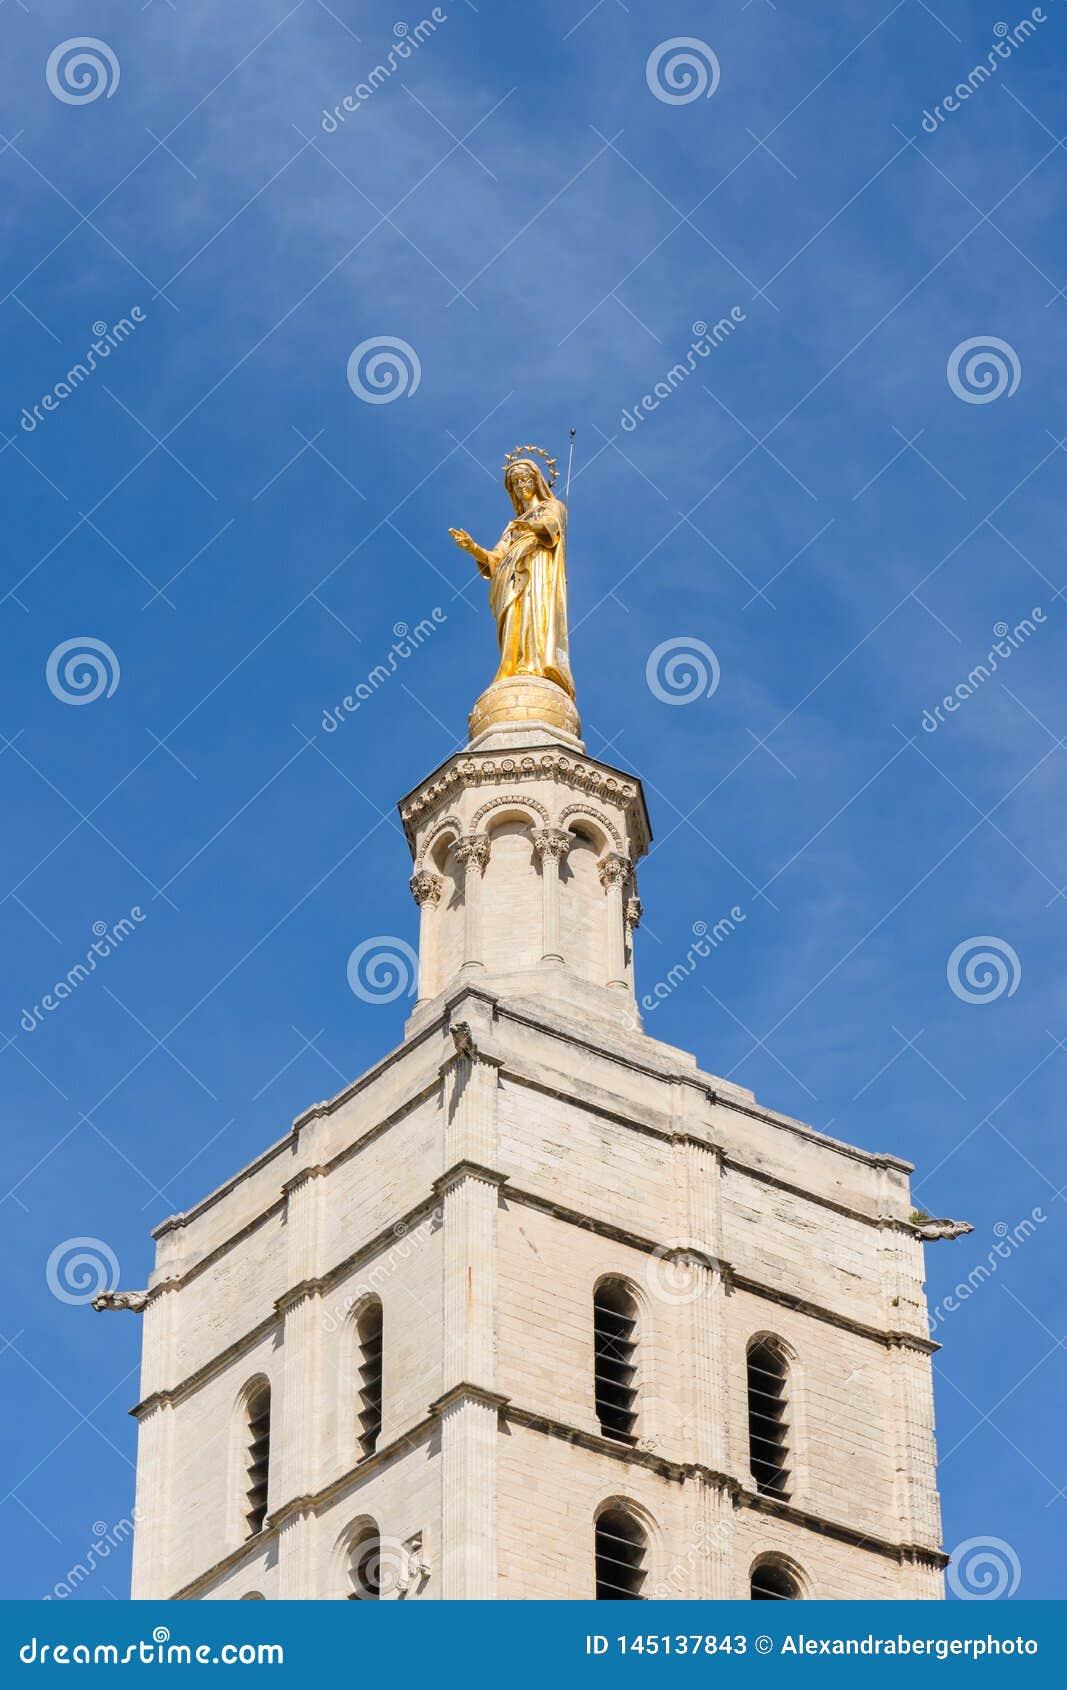 Estatua de oro en el chapitel de la iglesia, Aviñón, Francia